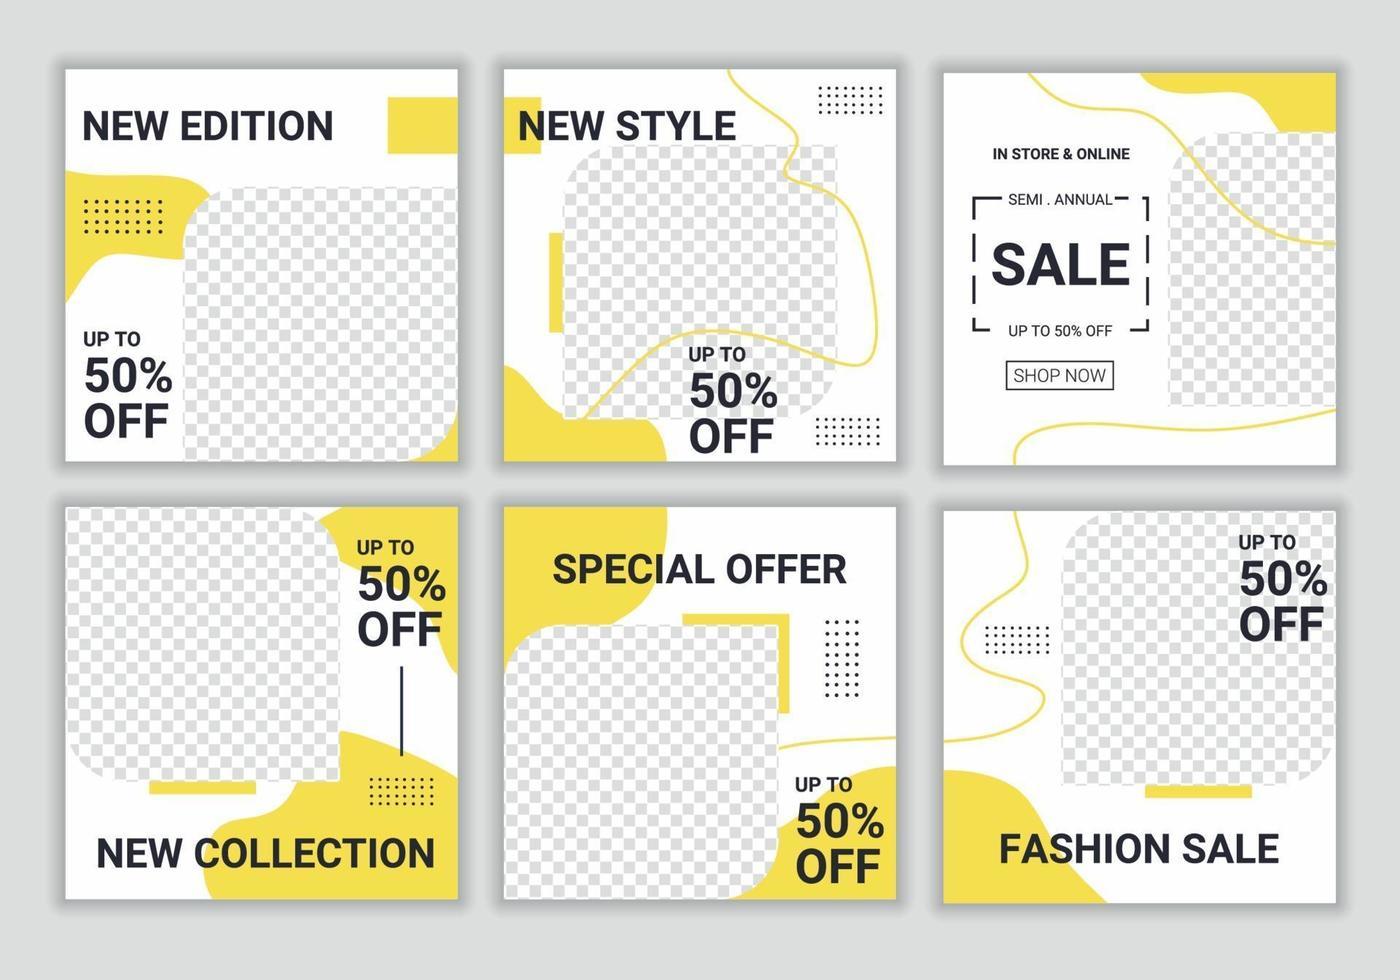 bilder abstrakt redigerbar modern social media banner mall i gul och vit färg. bakgrundsdesign med kopieringsutrymme för text och bilder. elegant försäljning och rabattkampanj. vektor illustration